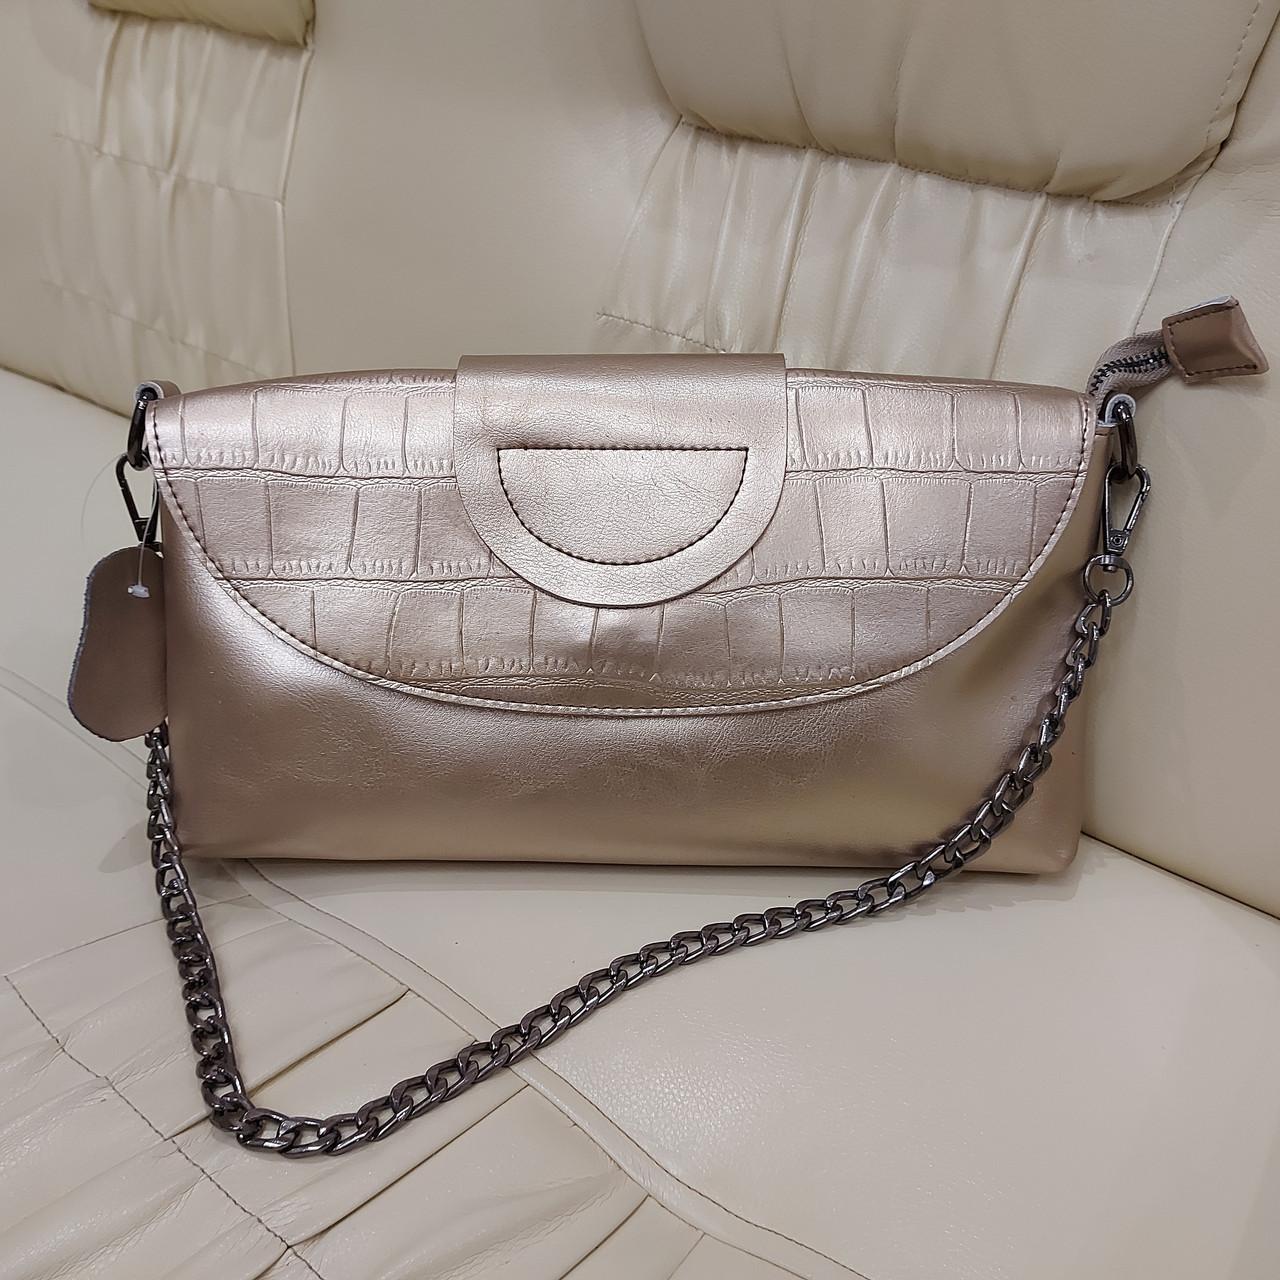 Велика міська жіноча сумка з натуральної шкіри срібляста